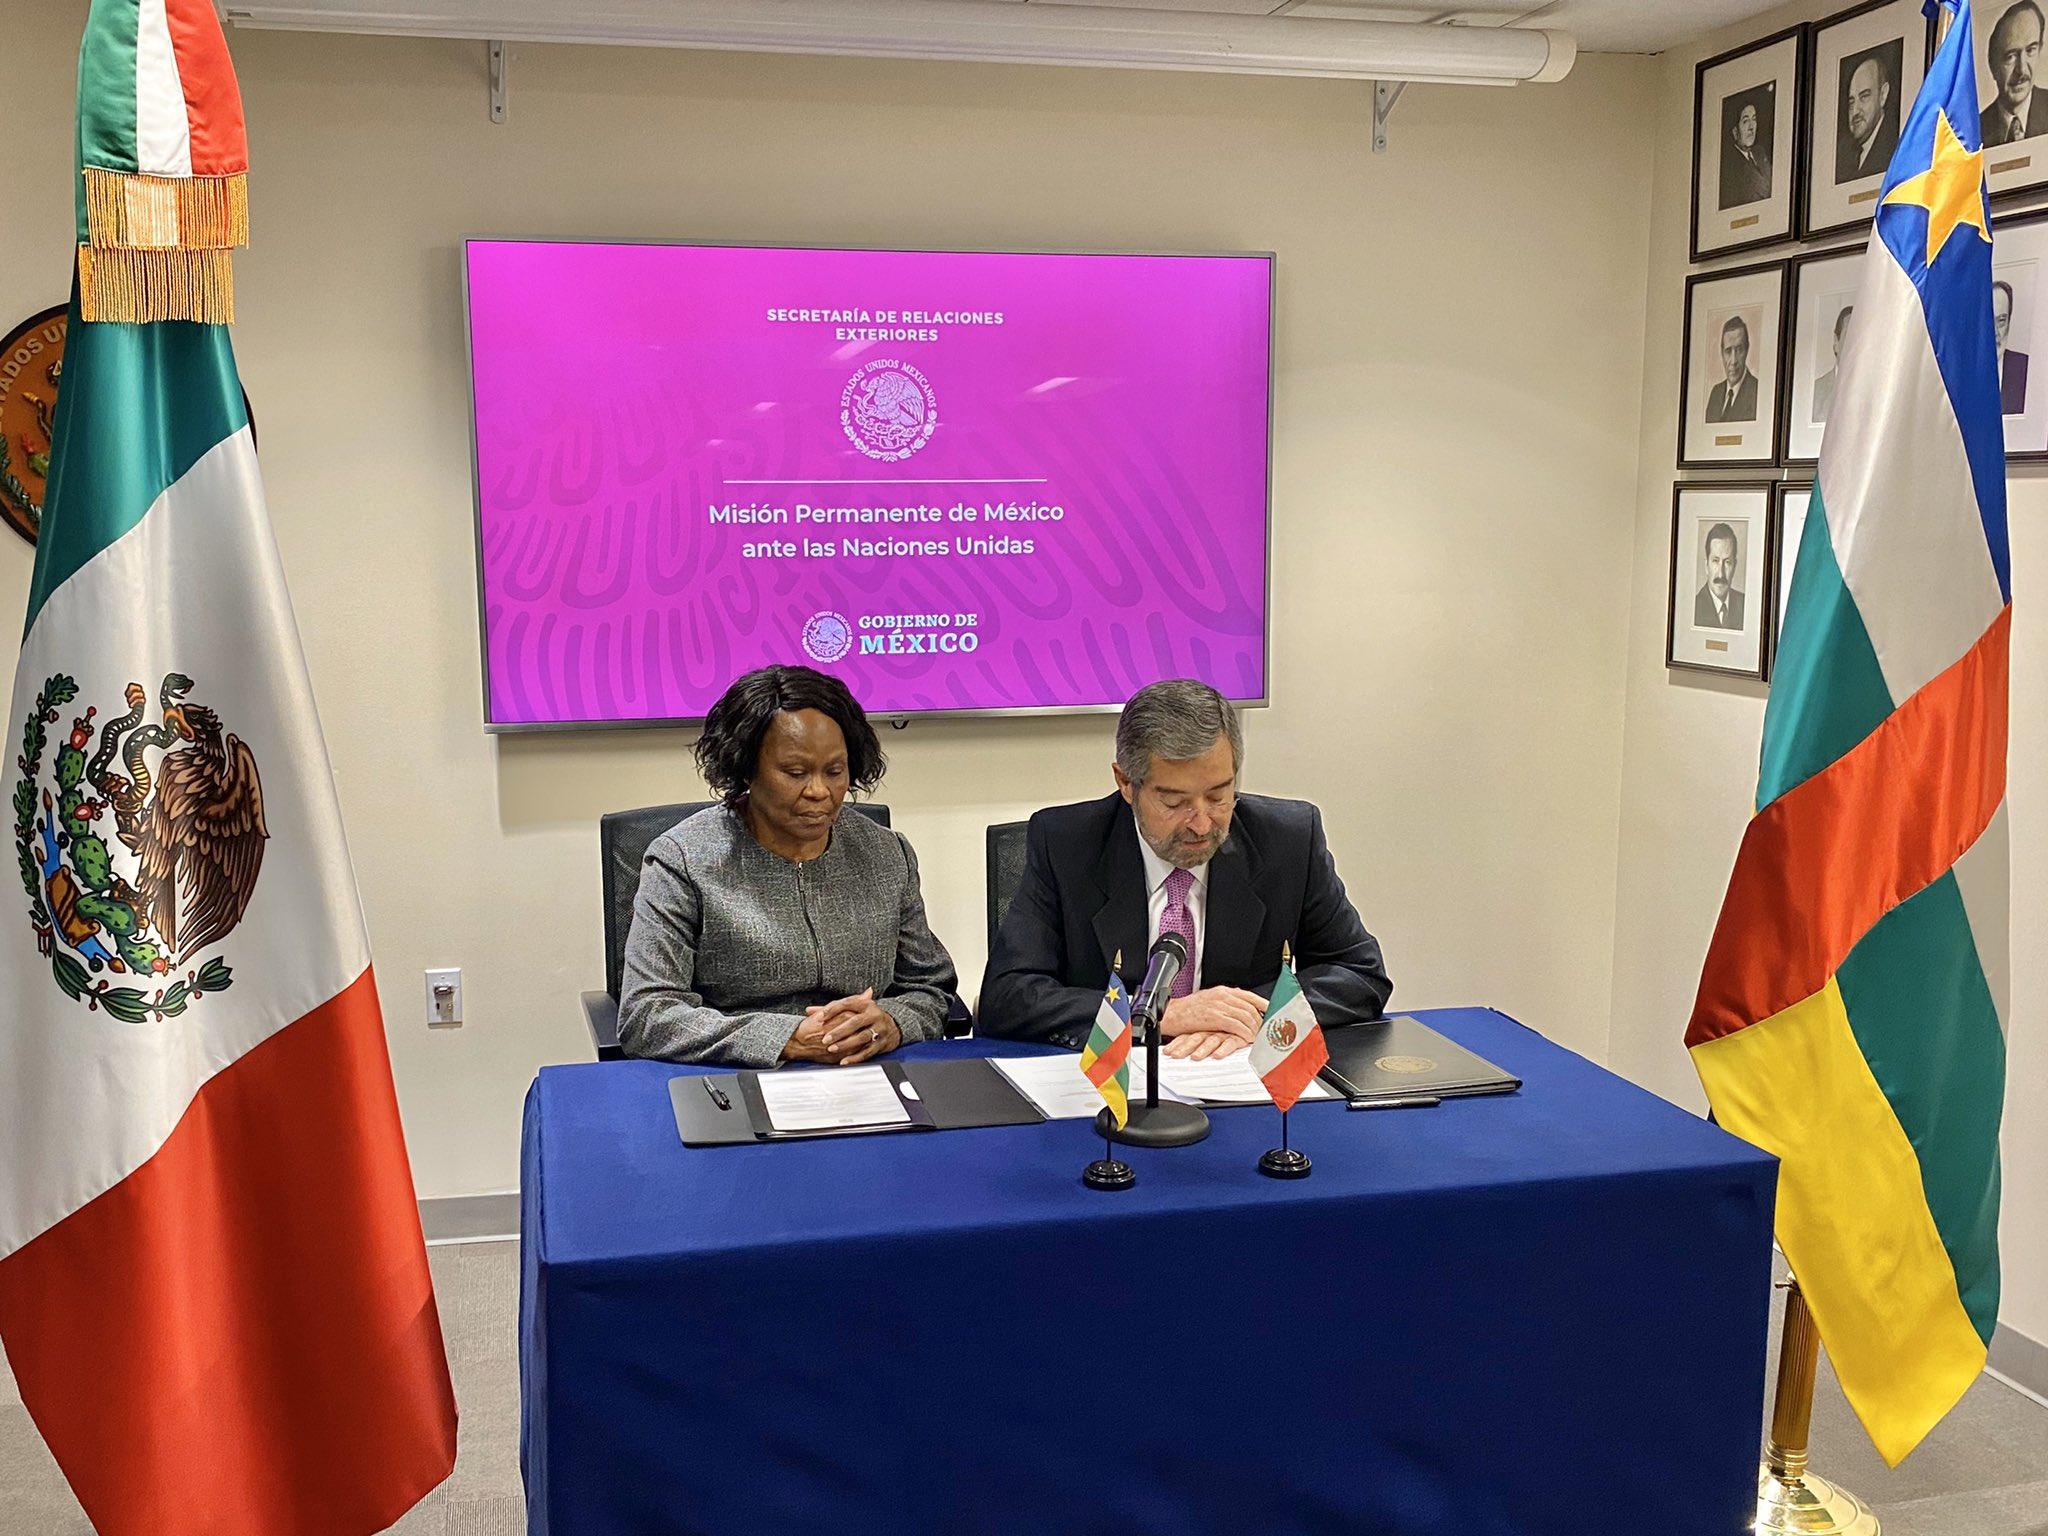 Los Embs. Ambroisine Kpongo y Juan Ramón de la Fuente en la firma del establecimiento de relaciones diplomáticas. Foto de @Sandomendi